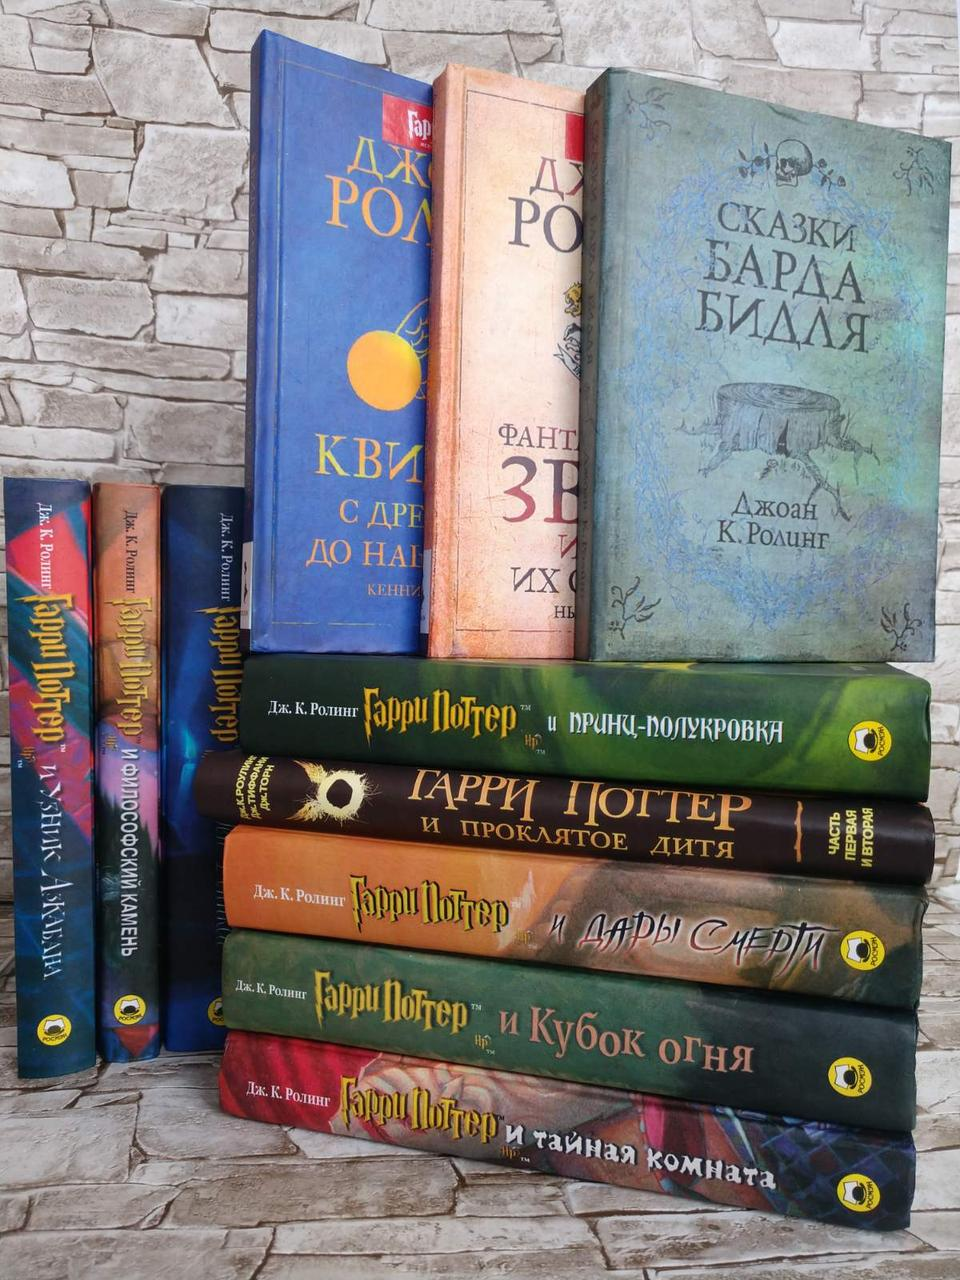 """Набор книг Дж. К. Роулинг: """"Гарри Поттер"""", комплекткнигиз библиотеки Хогвардса (комплект - 11 книг)"""